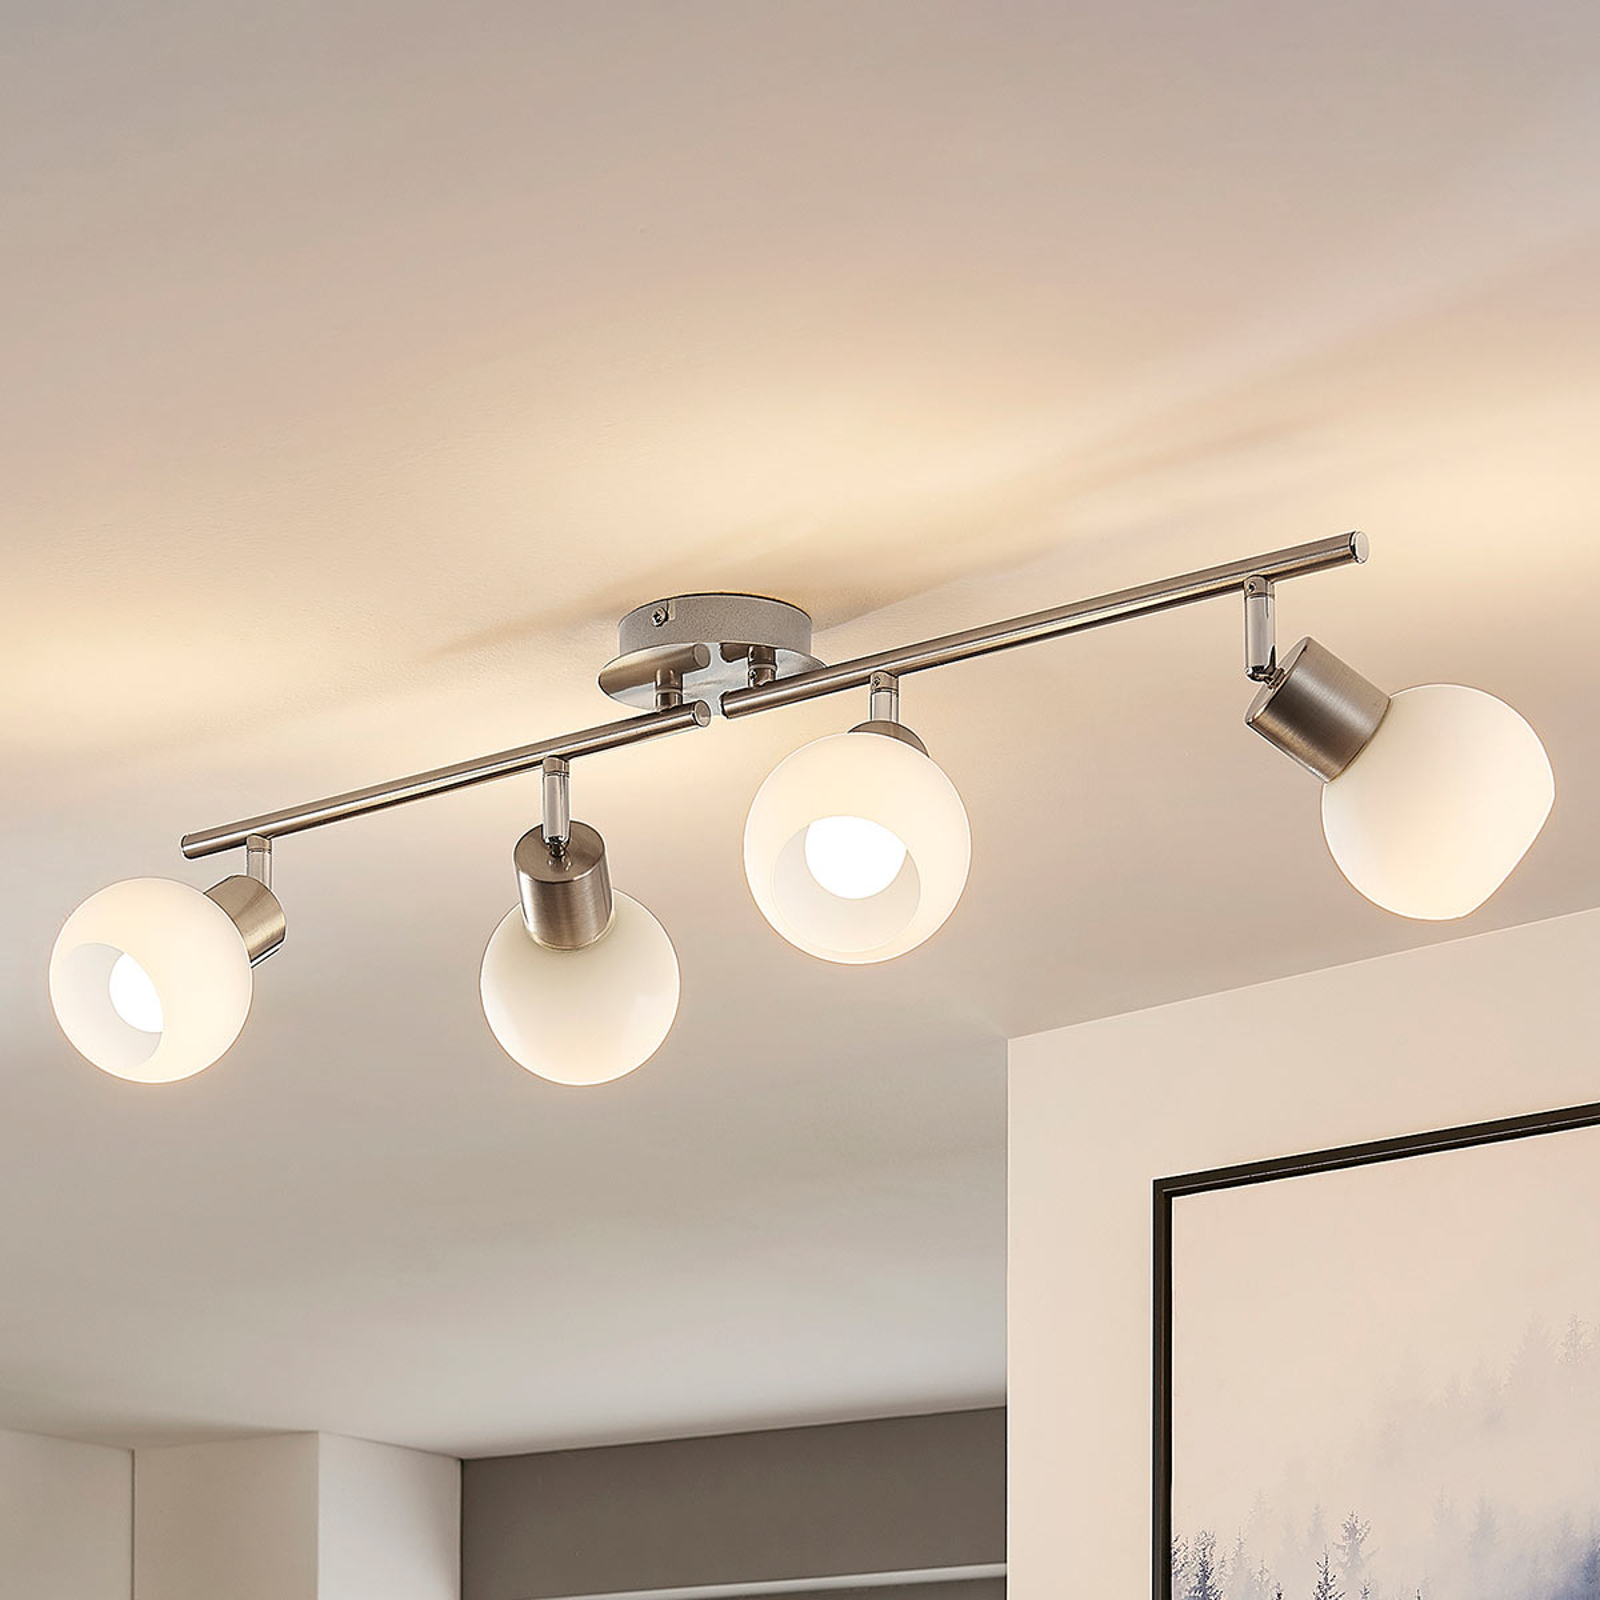 Four Bulb Led Ceiling Light Elaina Nickel Matte Lights Co Uk